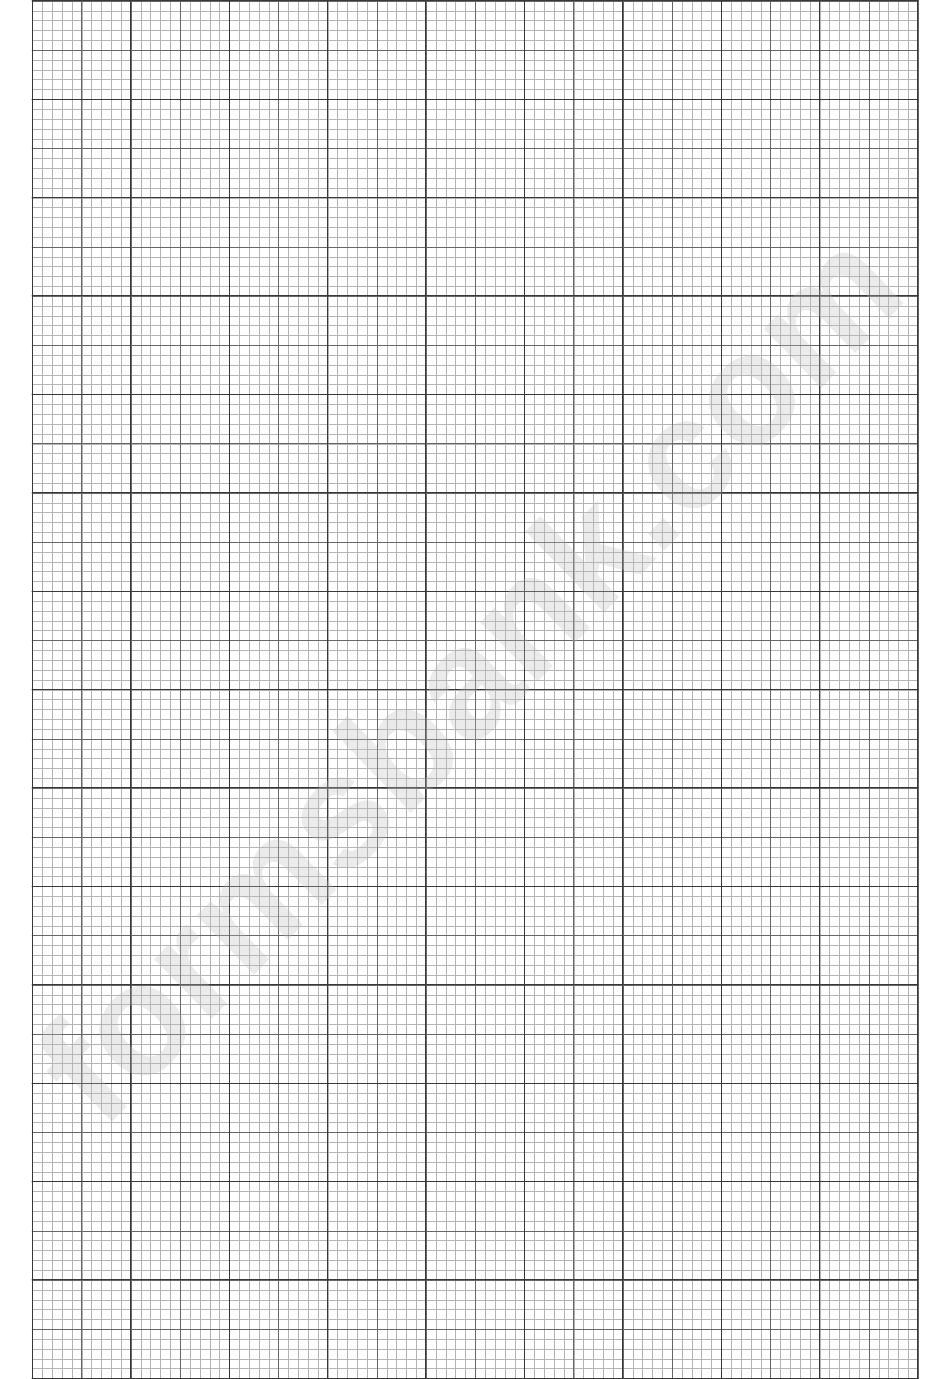 Multi-Colour Graph Paper Template